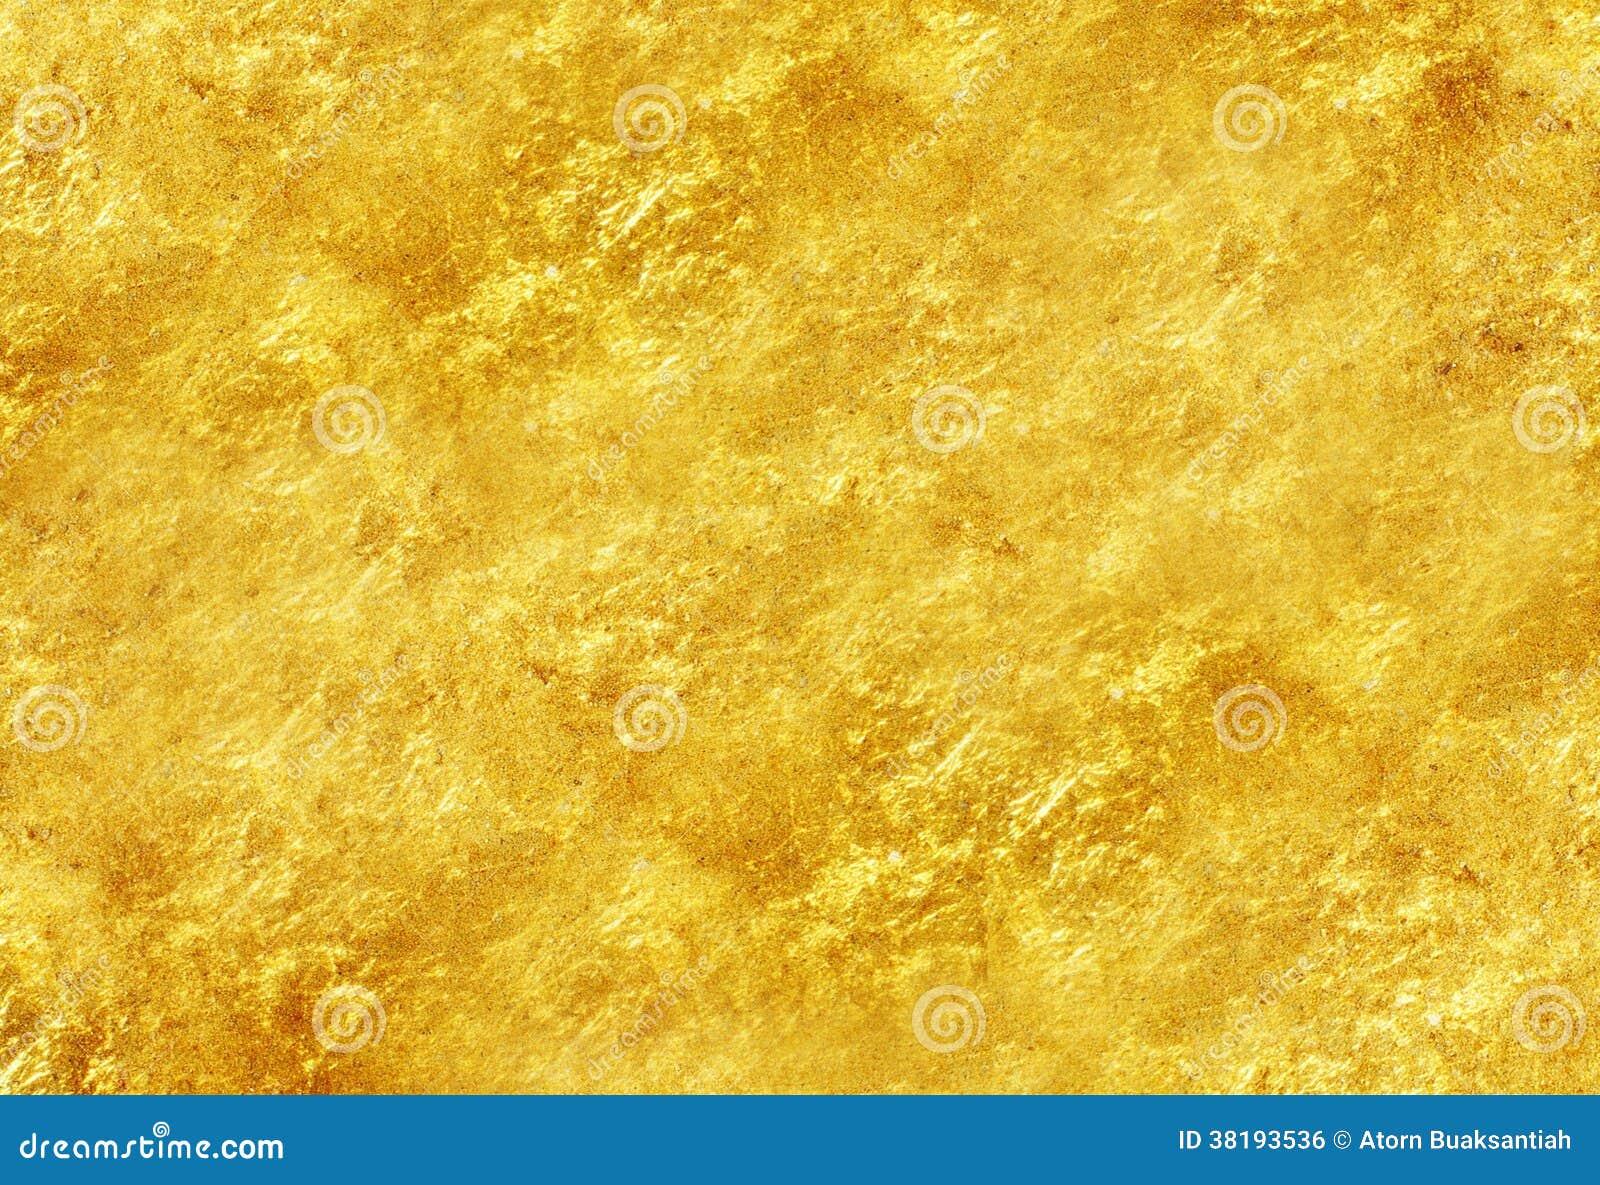 Gold texture glitter